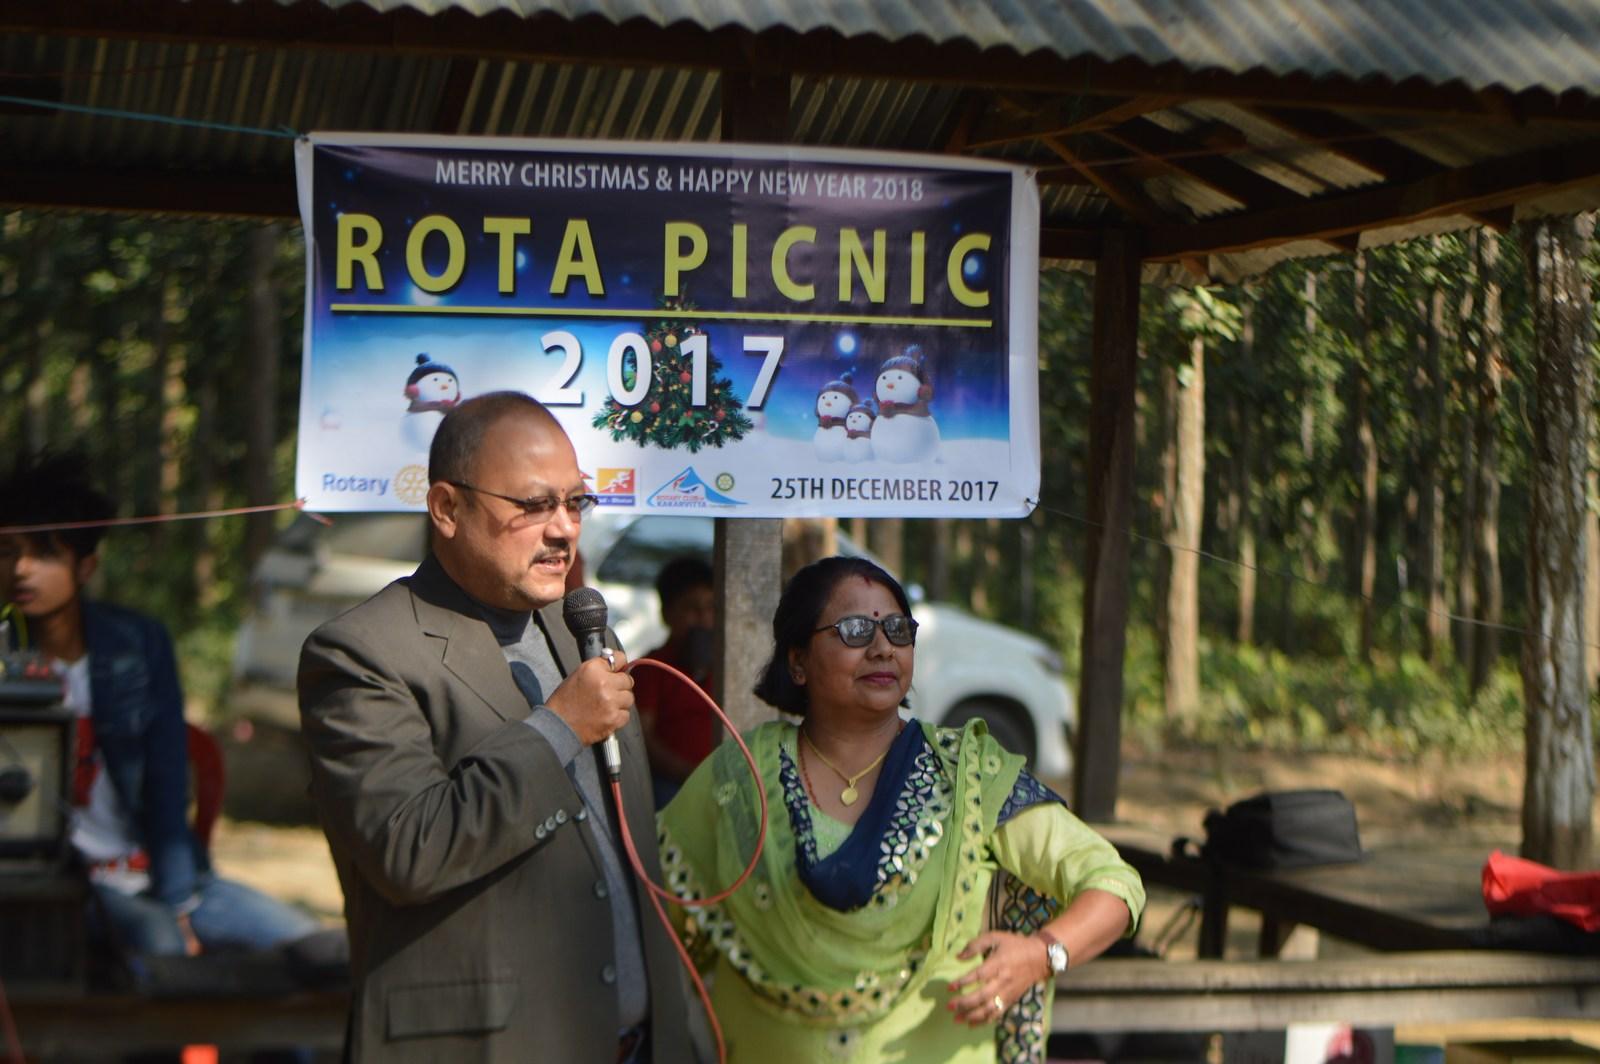 Rota-Picnic-2017-Rotary-Club-of-Kakarvitta-60